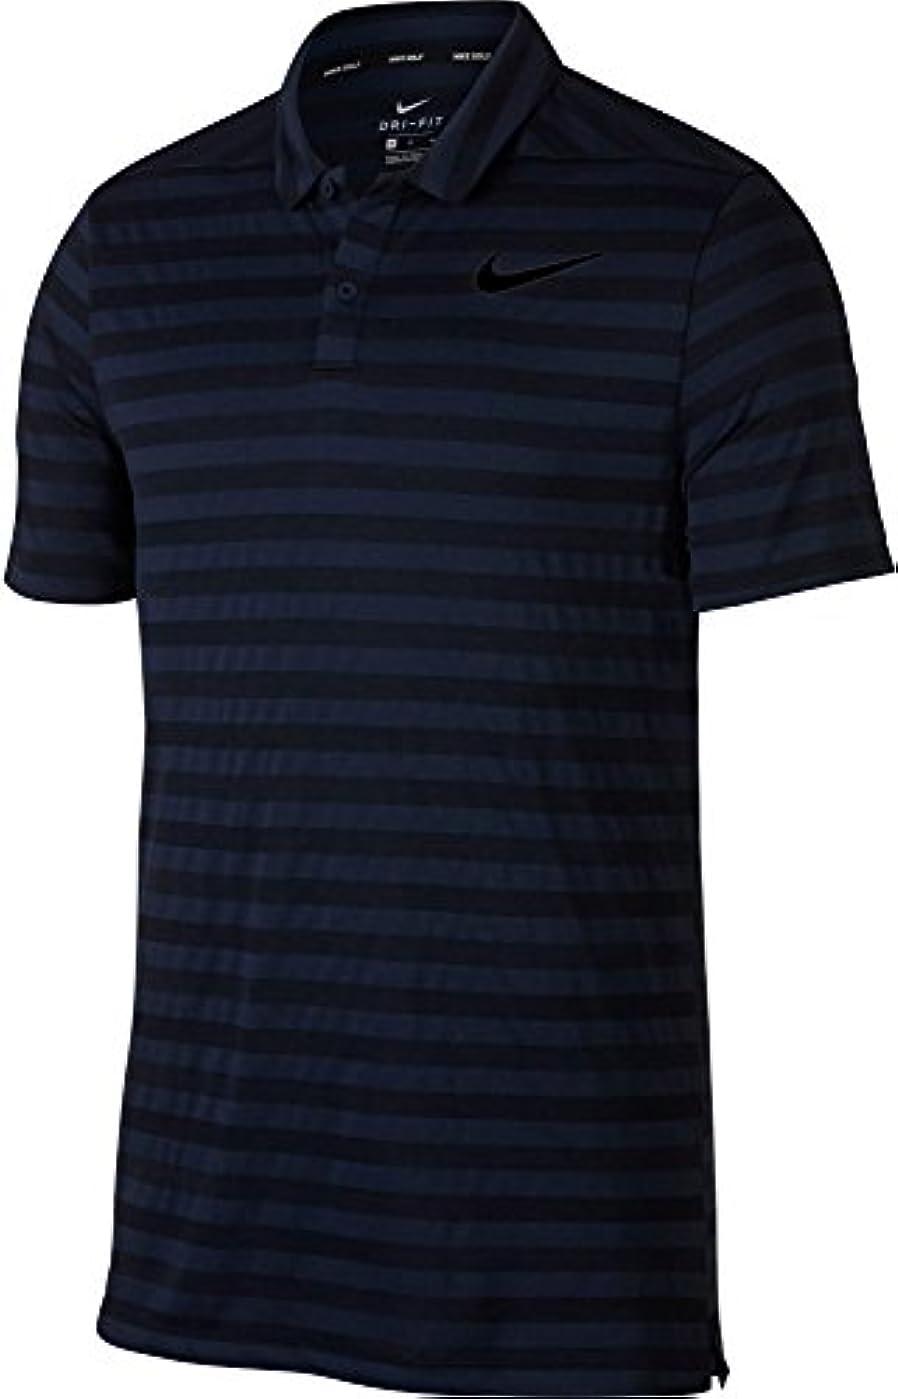 大人バズ重量[ナイキ] メンズ シャツ Nike Men's Striped Dry Golf Polo [並行輸入品]